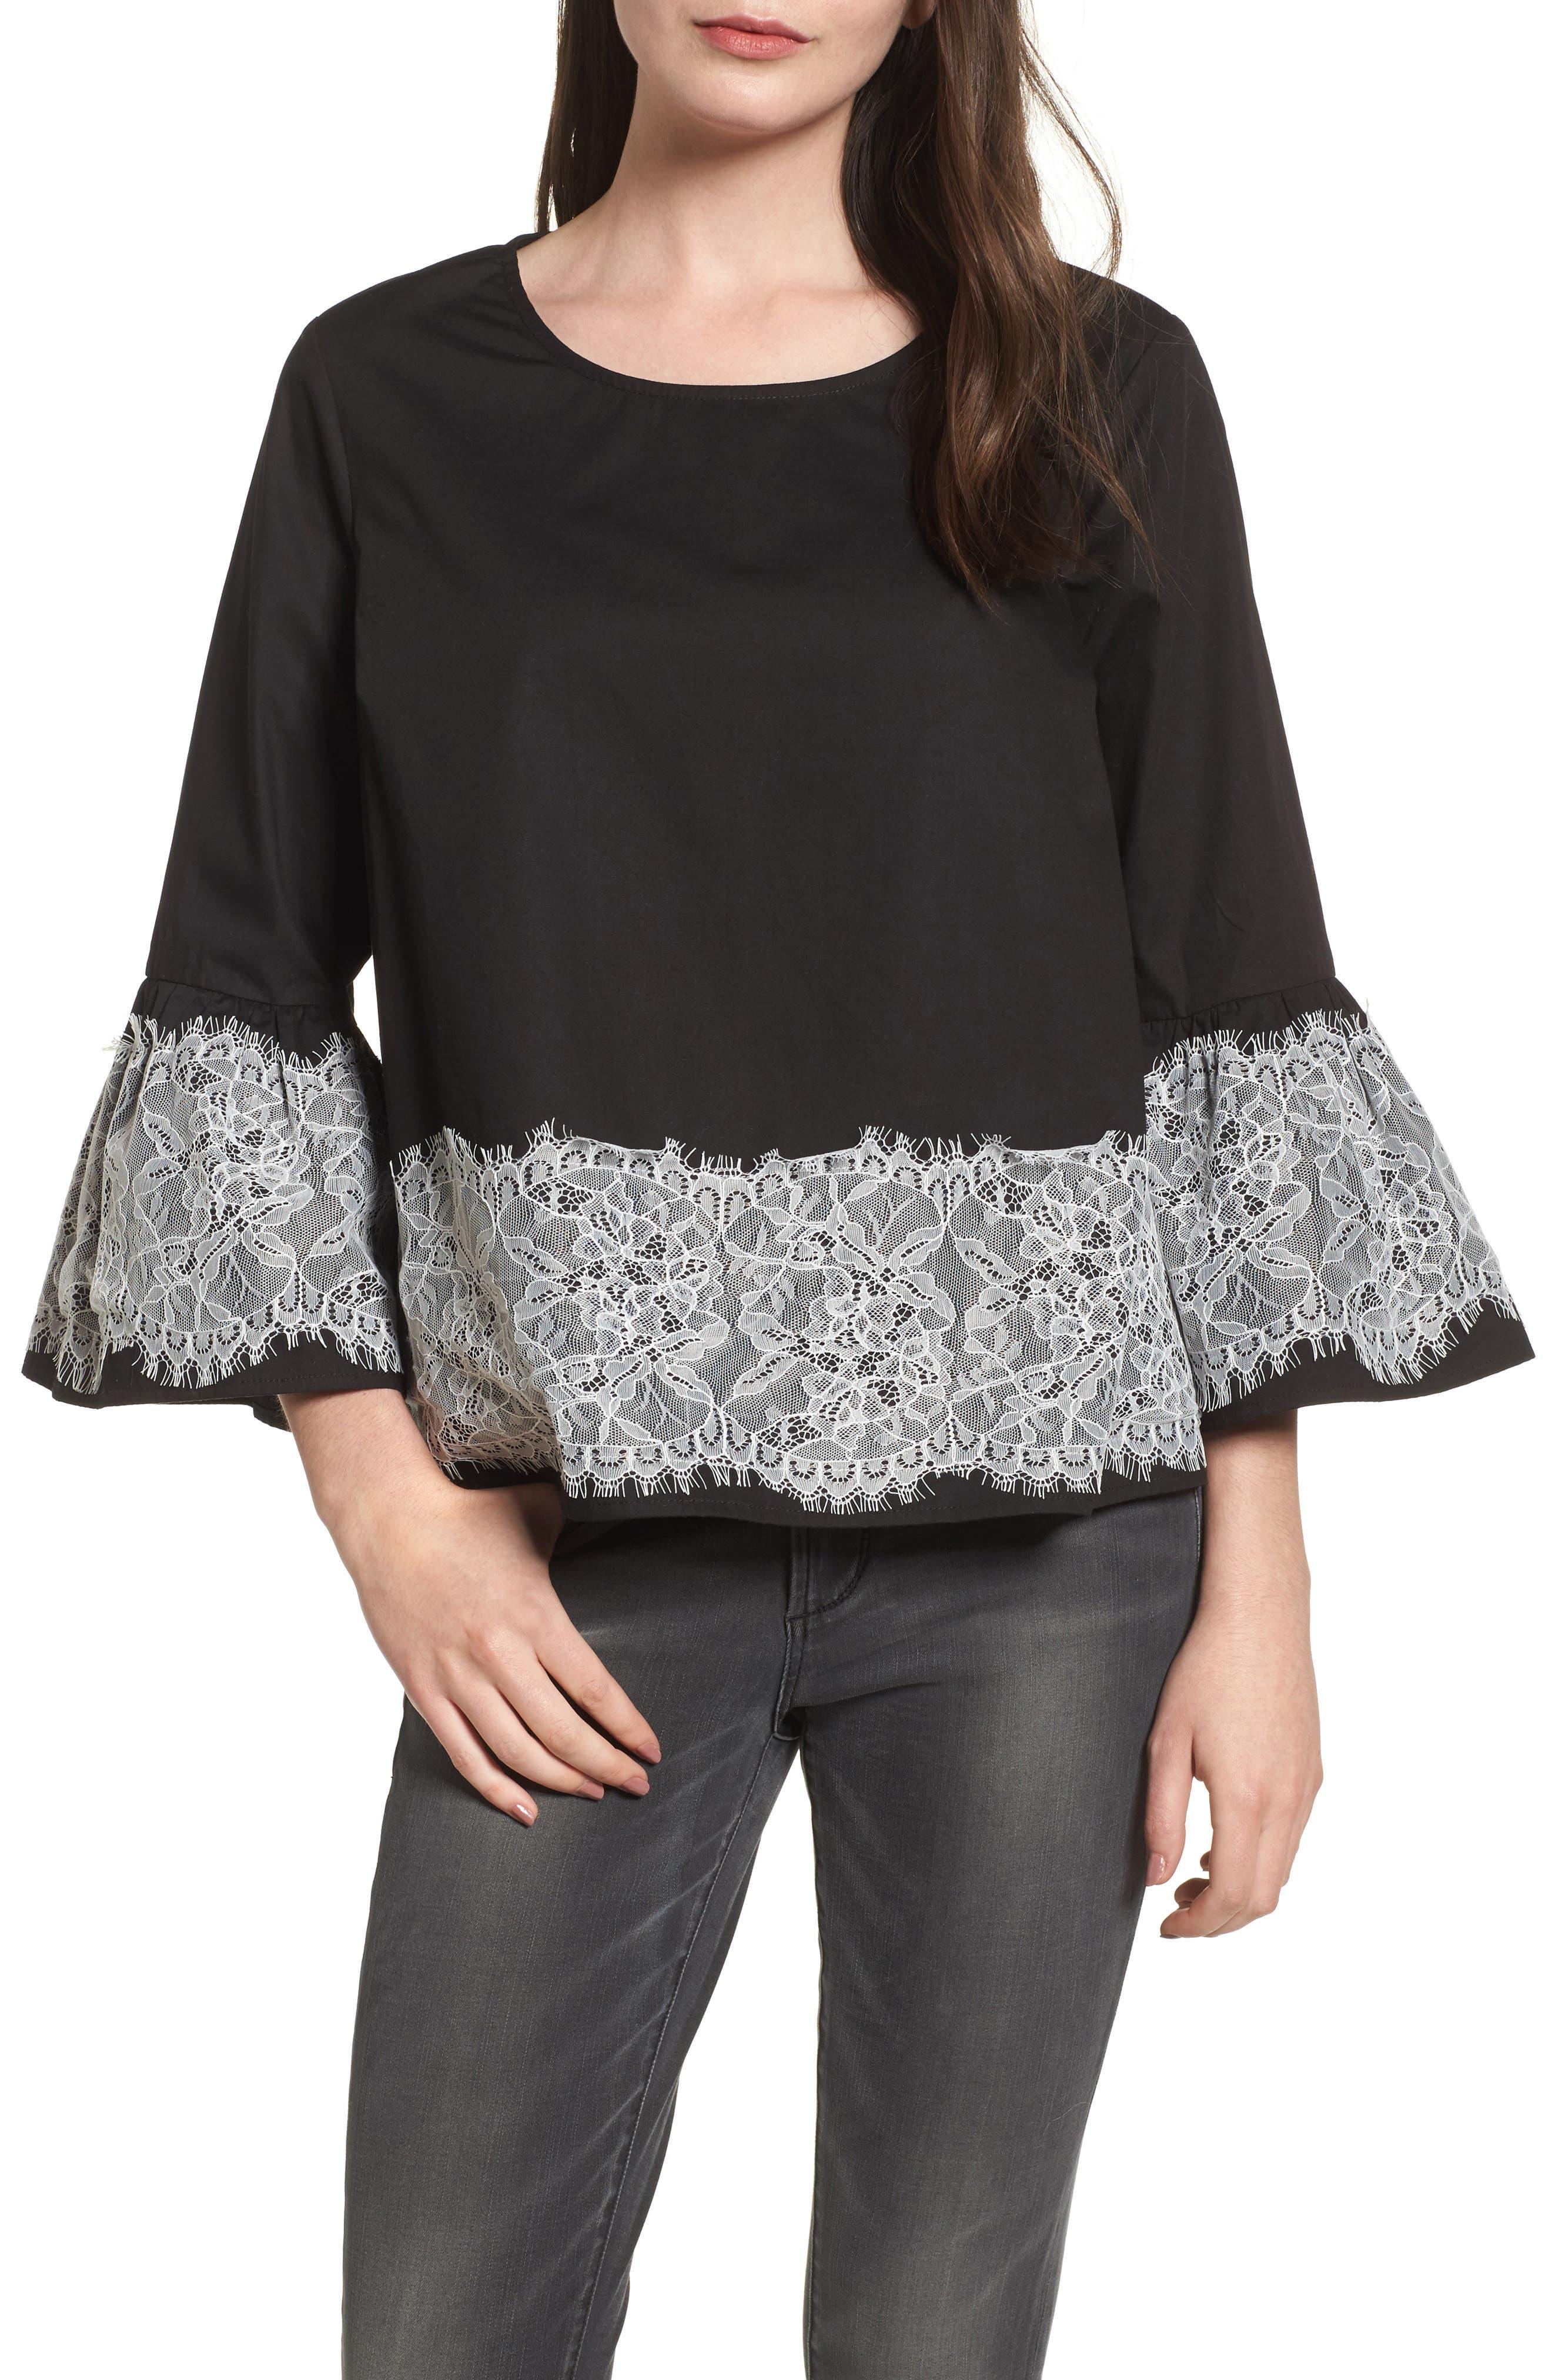 Lace Trim Top,                         Main,                         color, Black/ White